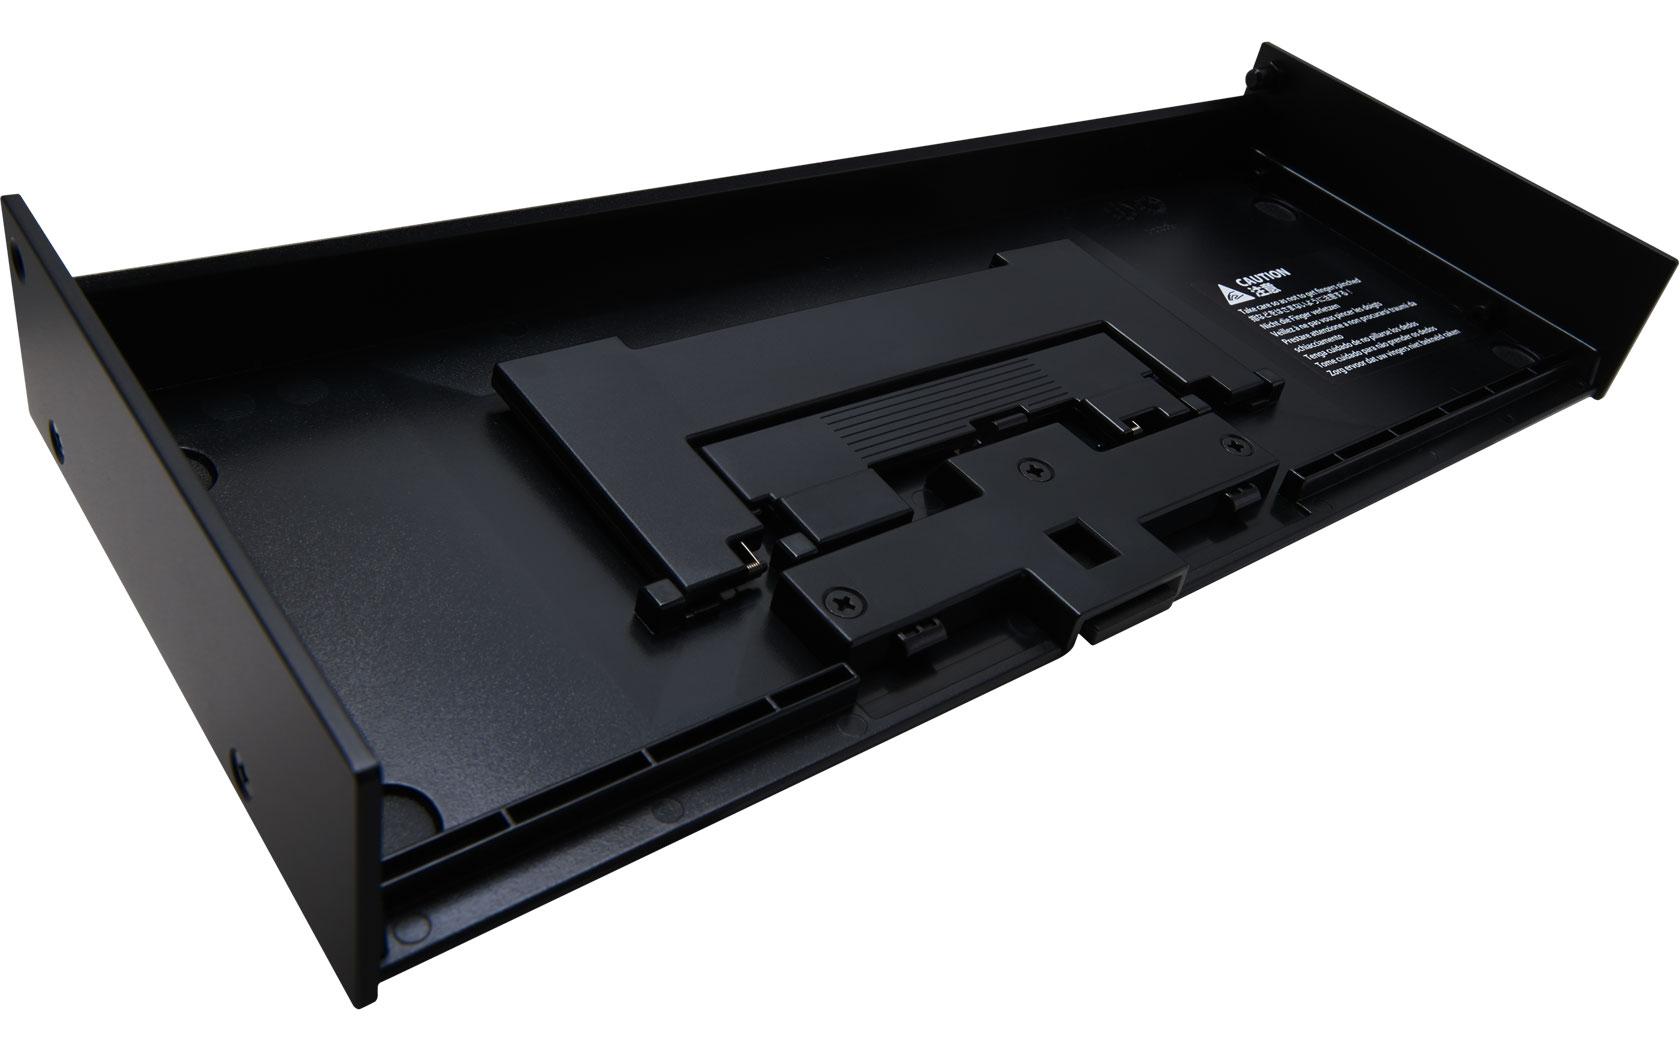 roland dk 01 boutique dock. Black Bedroom Furniture Sets. Home Design Ideas